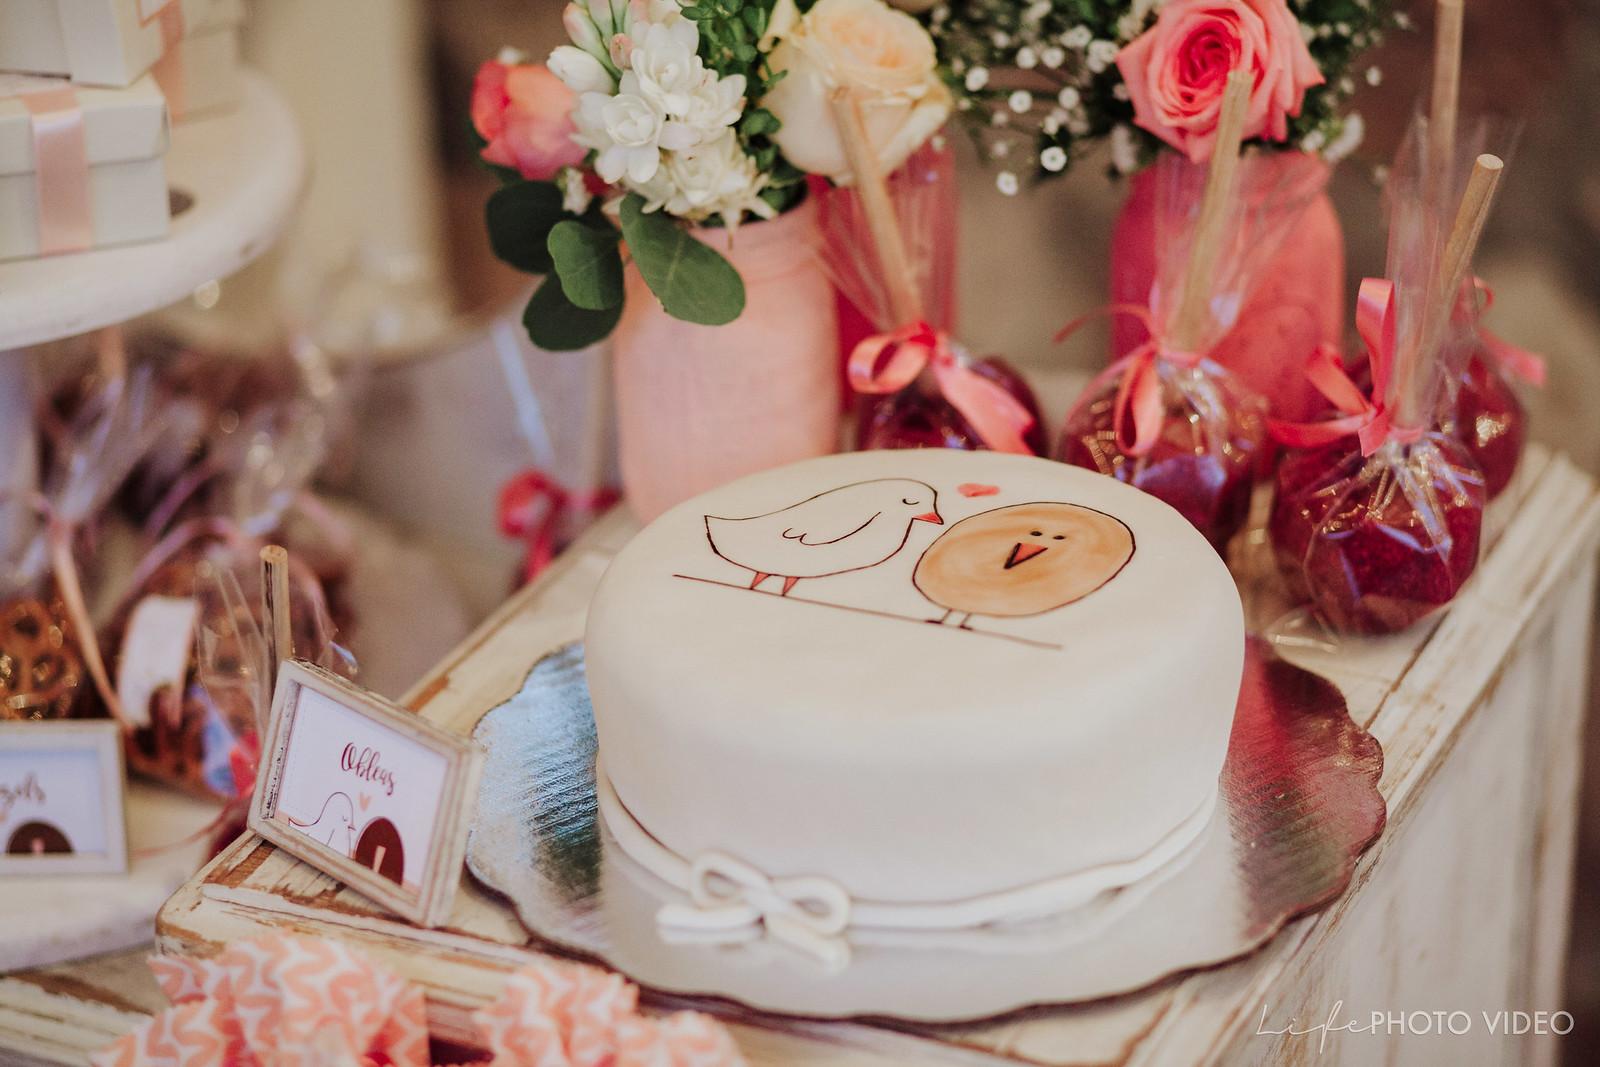 LifePhotoVideo_Boda_LeonGto_Wedding_0019.jpg